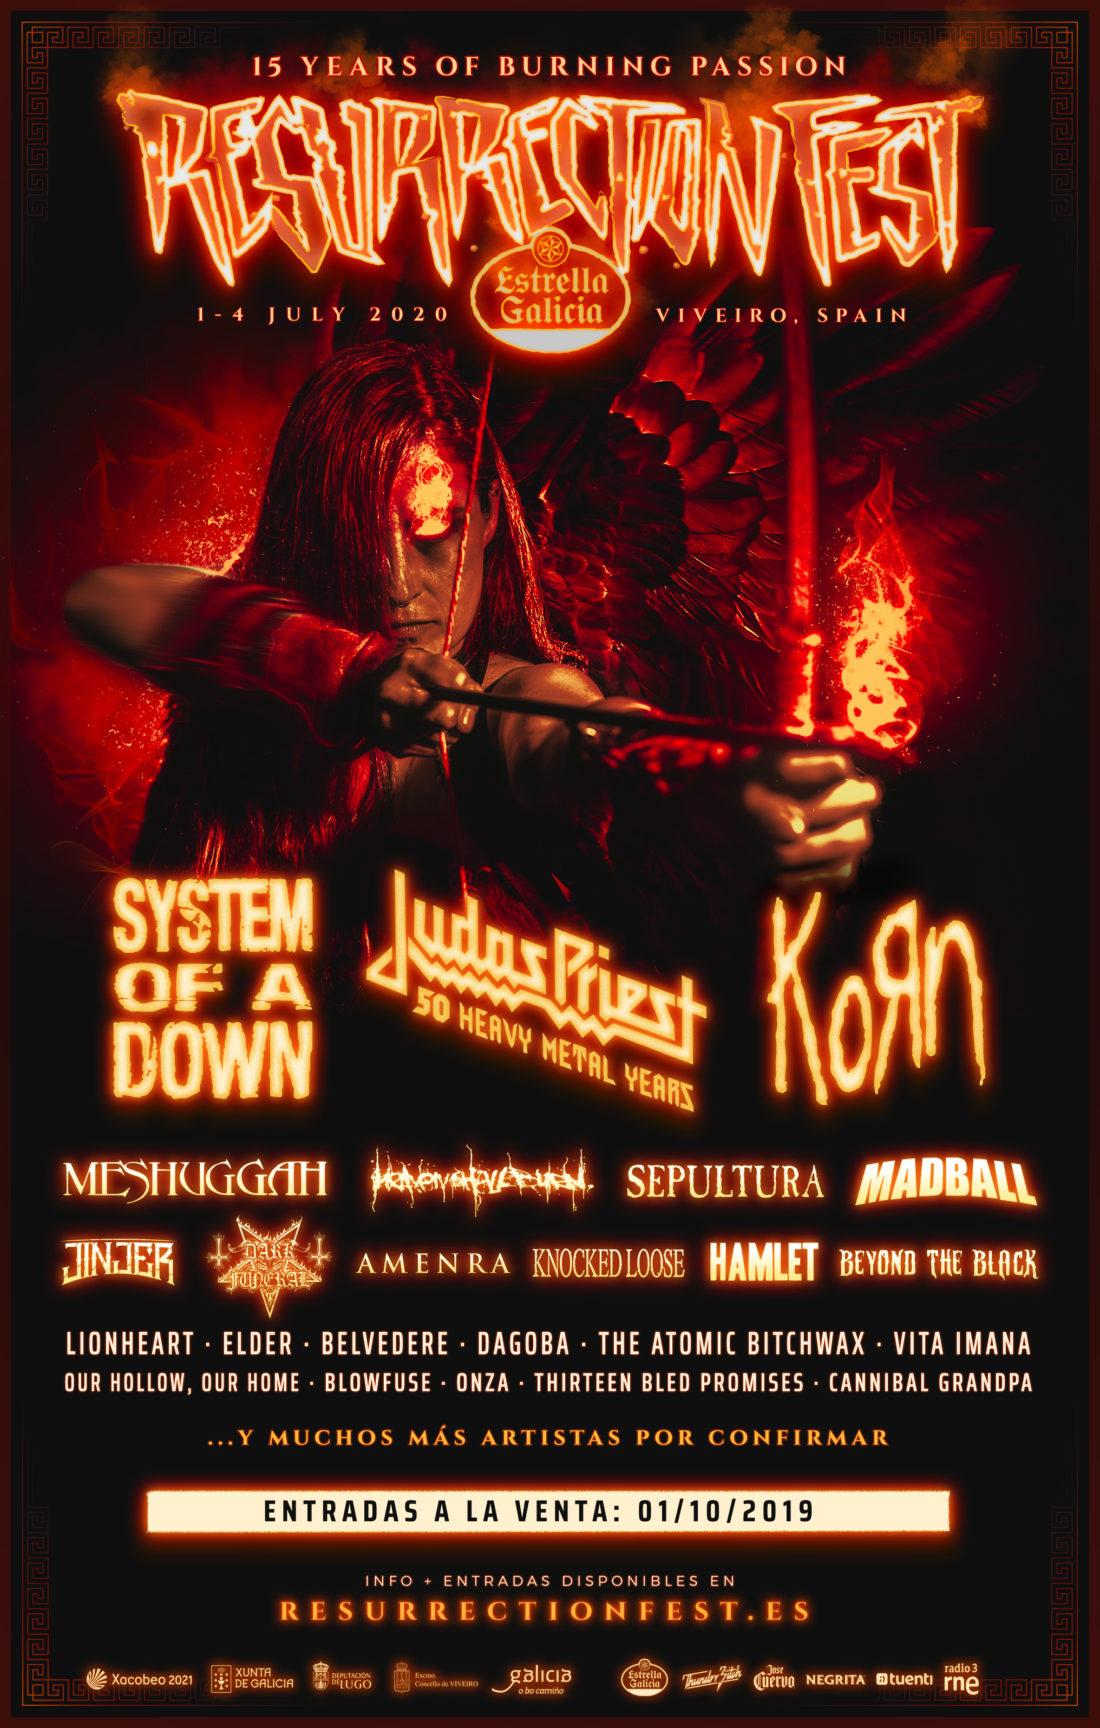 Judas Priest y KoRn se unen como cabezas de cartel del Resurrection Fest Estrella Galicia 2020 junto a muchas bandas más